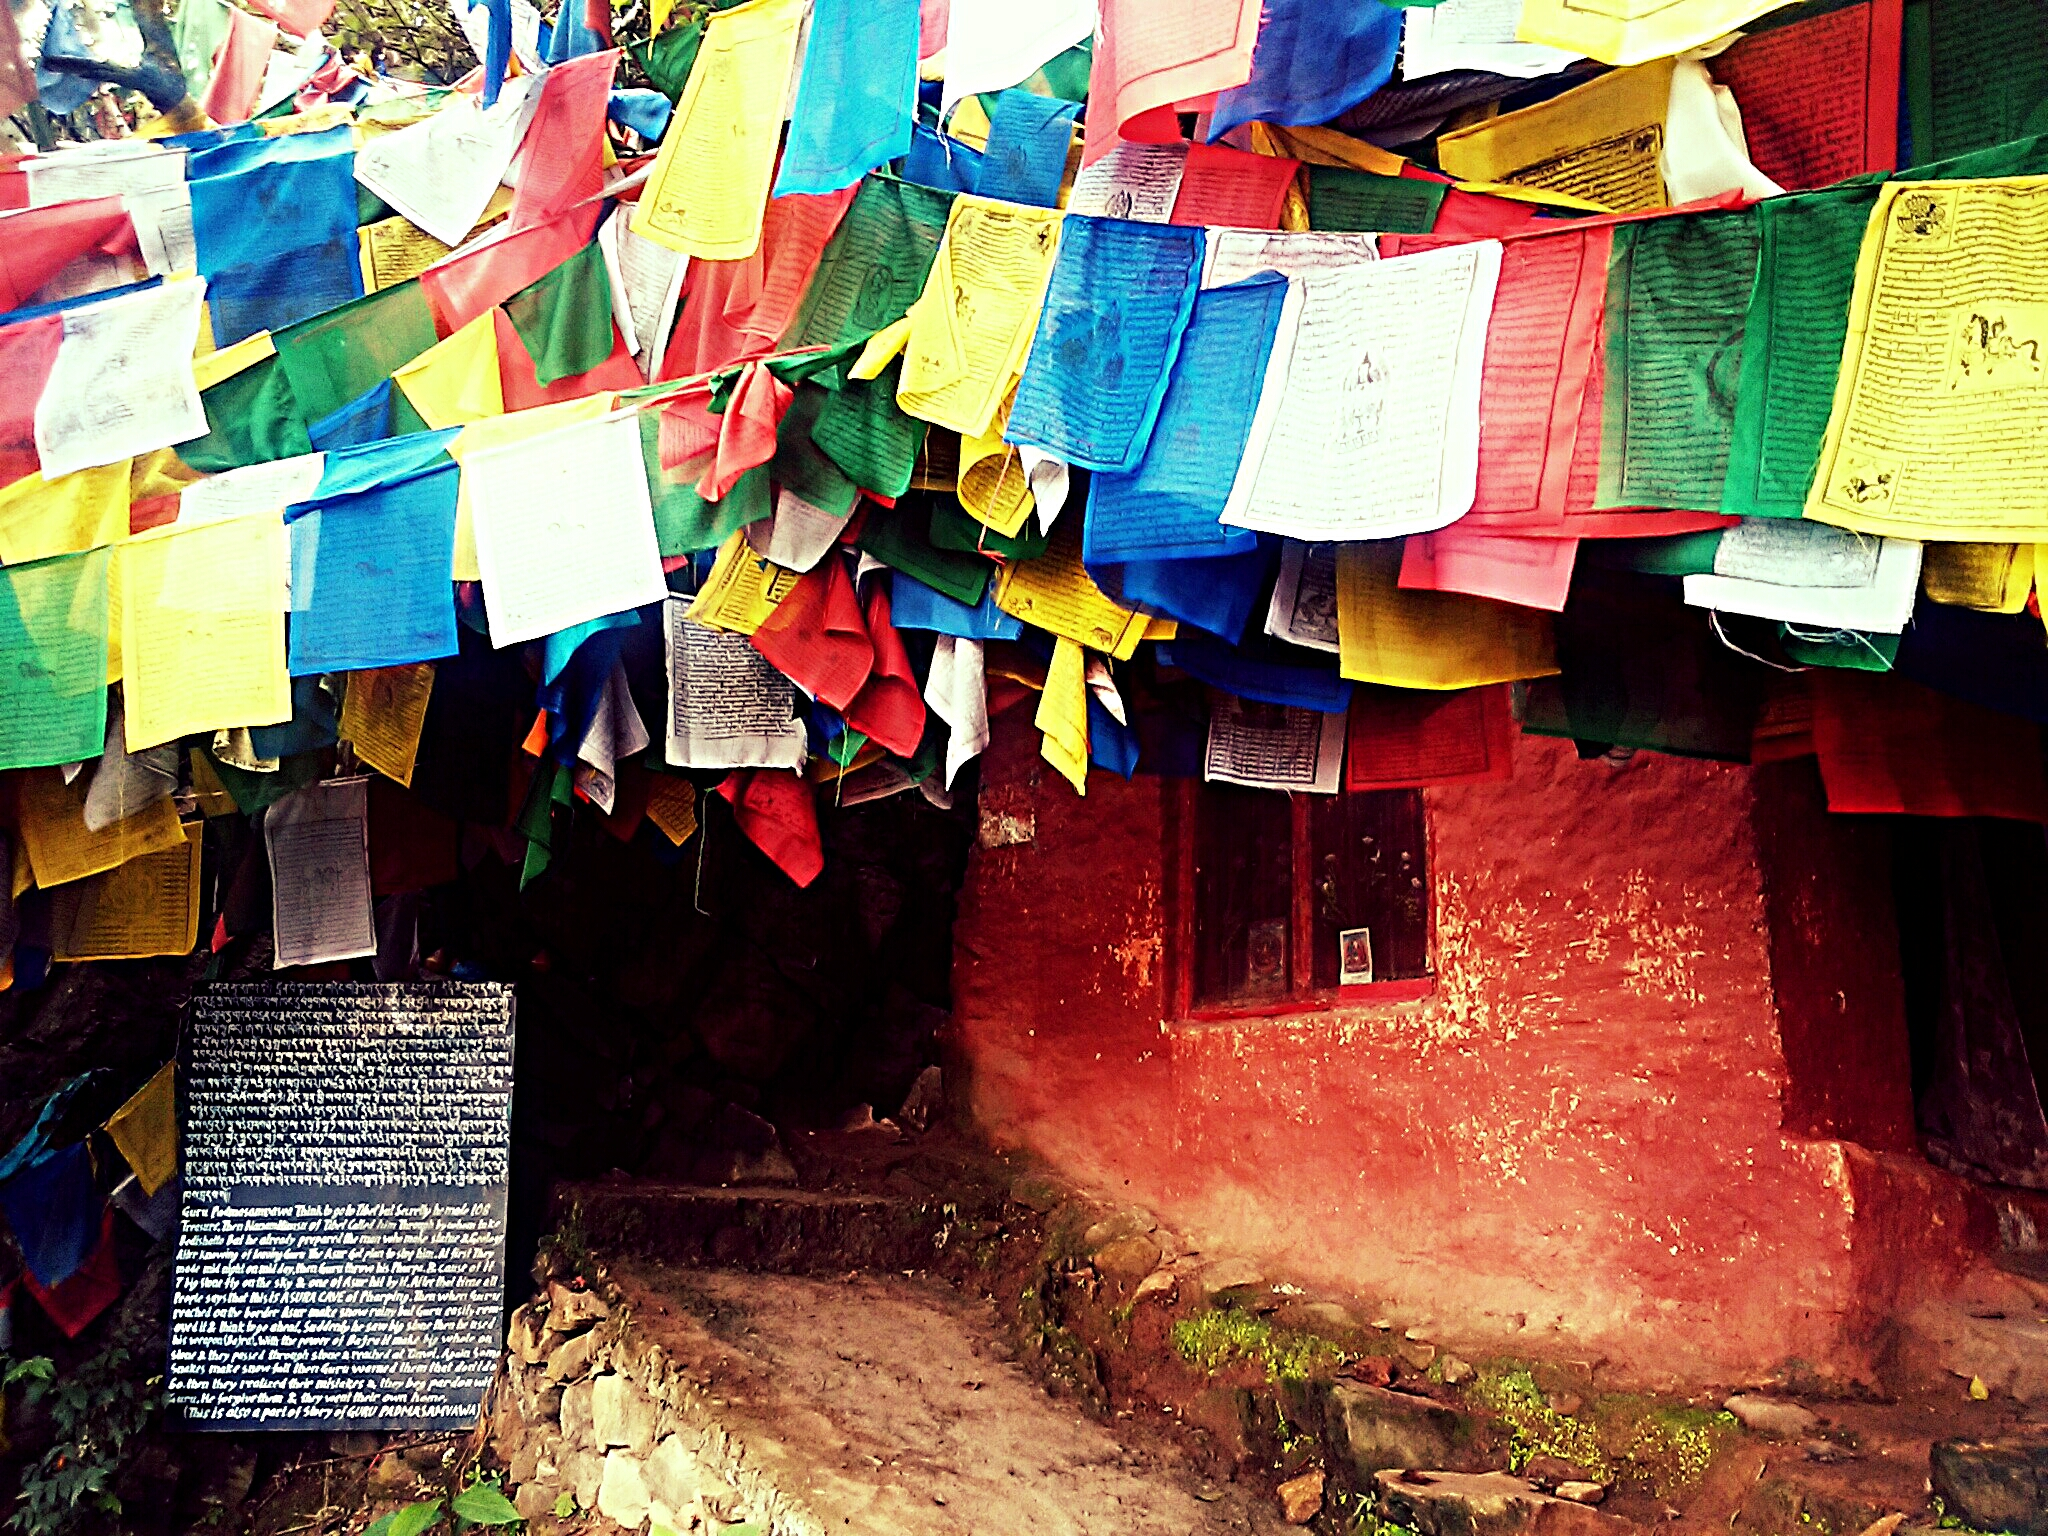 チベットを彩る祈願旗タルチョー『聖地に飾りまくる目的と購入場所とは?』